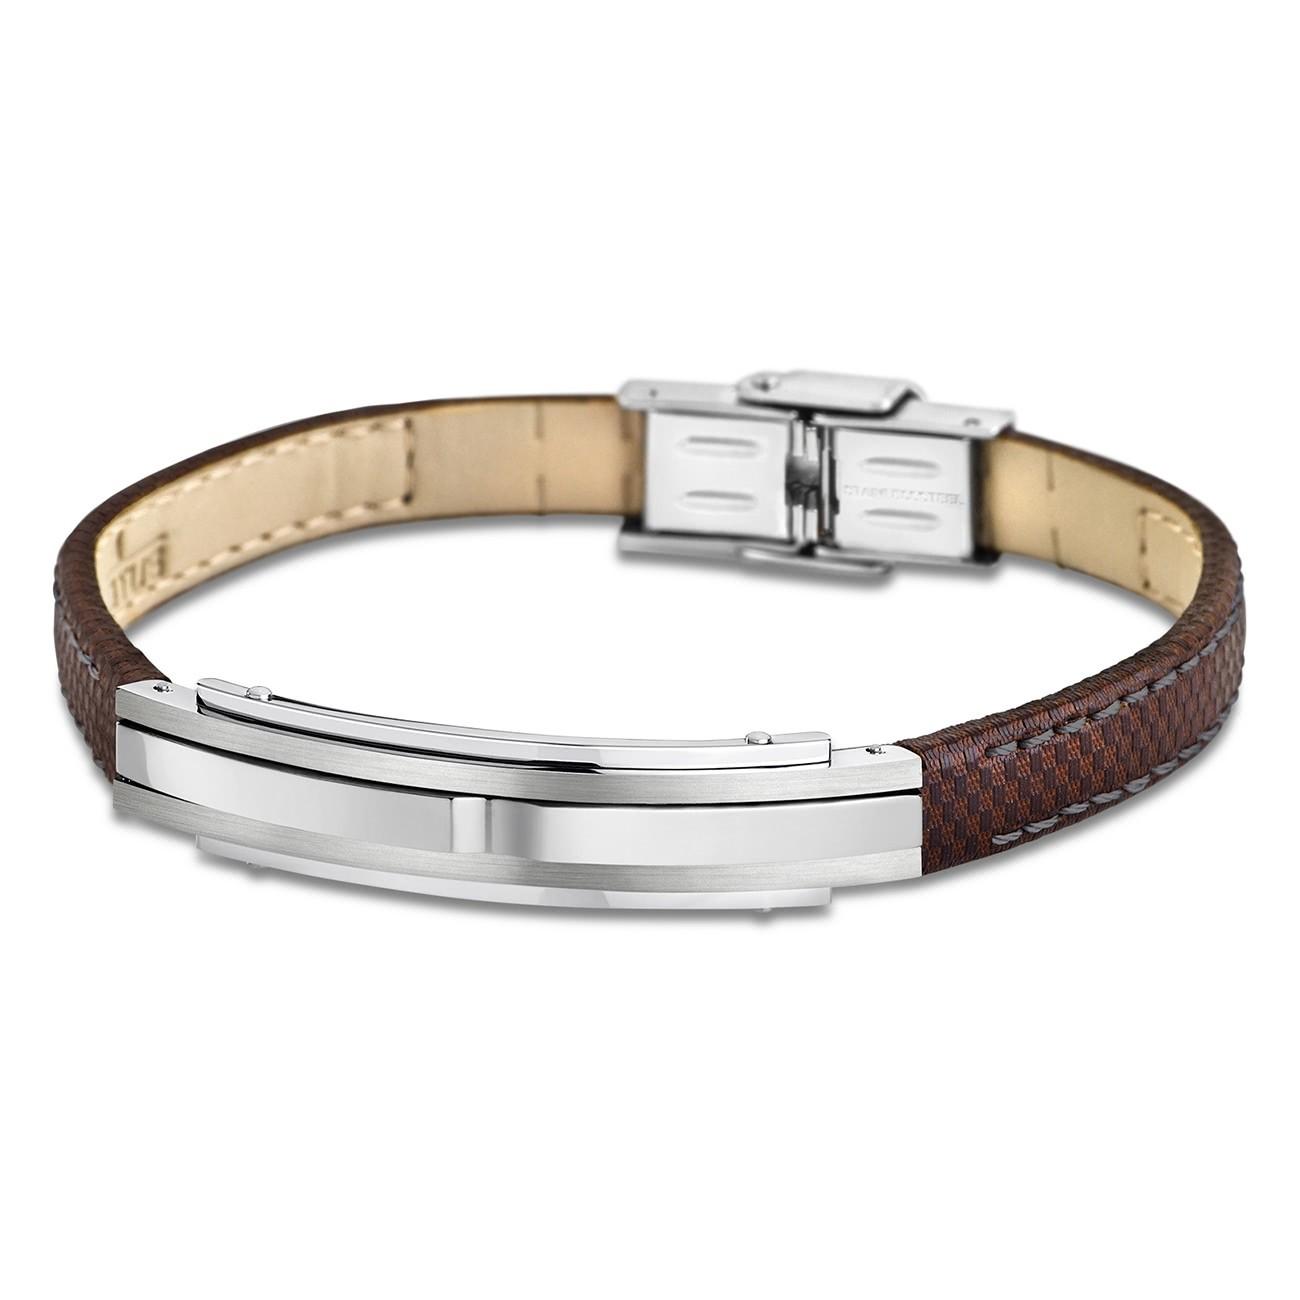 LOTUS Style Armband Herren Leder silber braun LS1809-2/1 Urban JLS1809-2-1